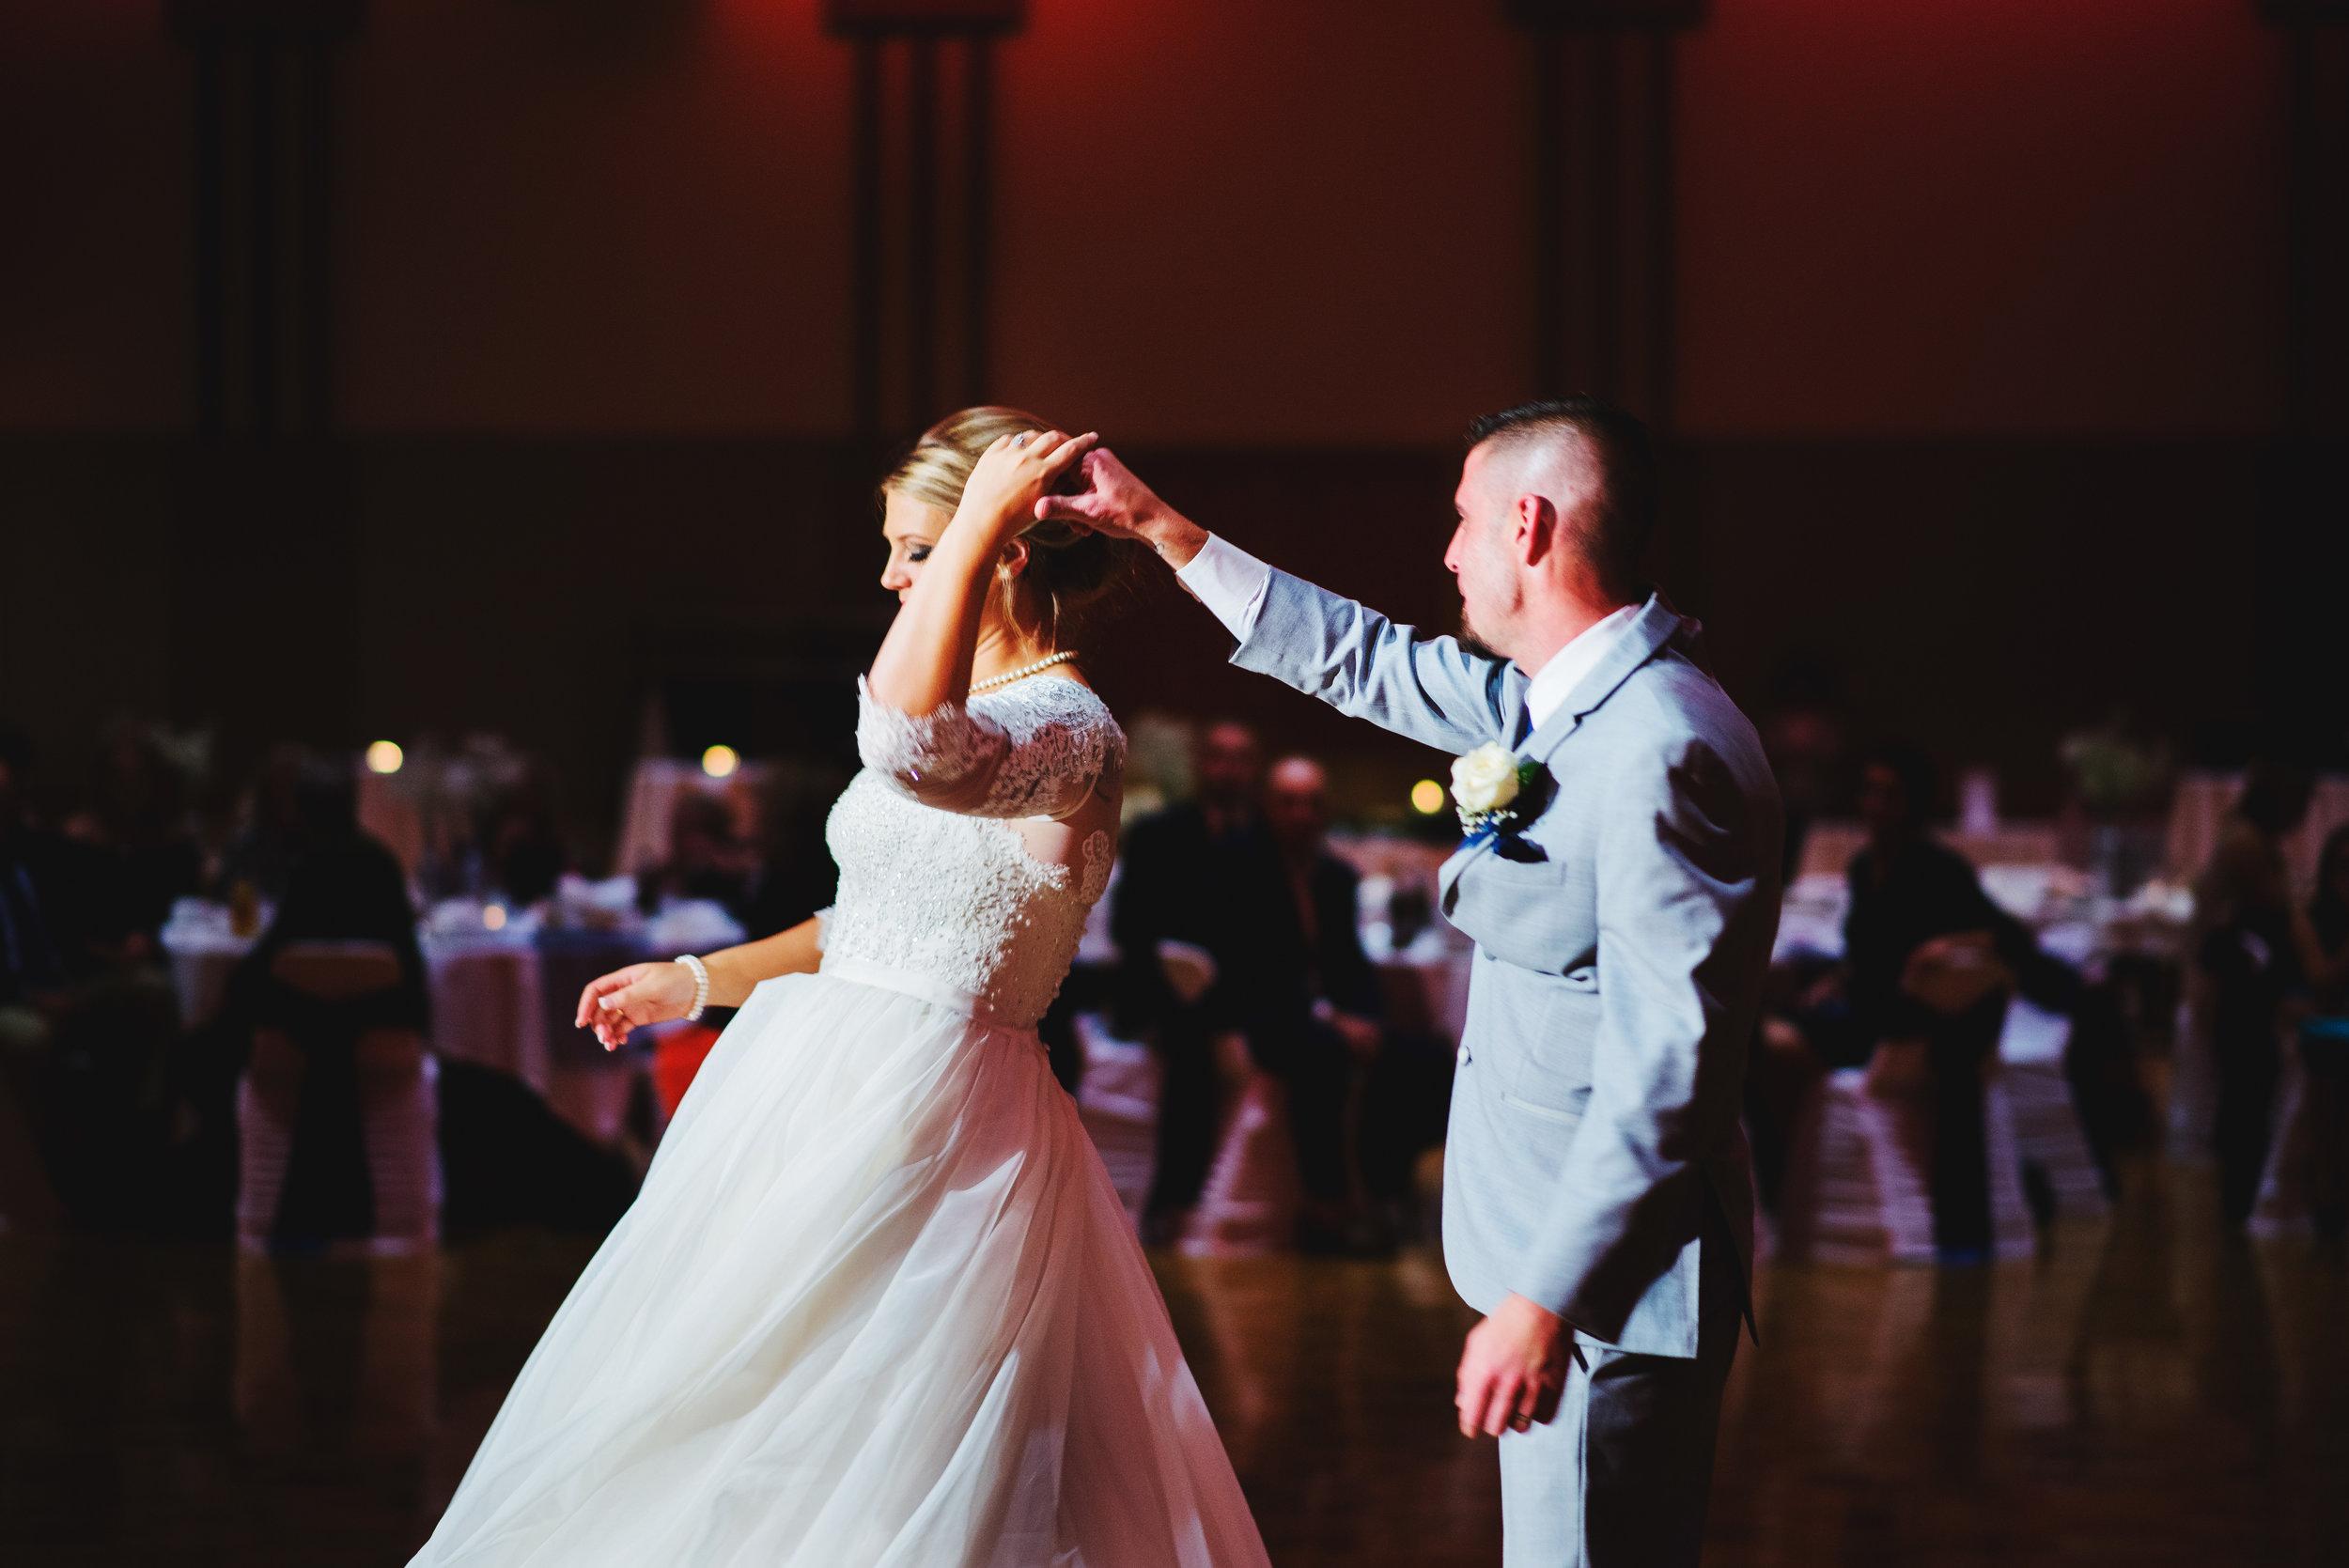 King-Northern-Illinois-University-Wedding132.jpg